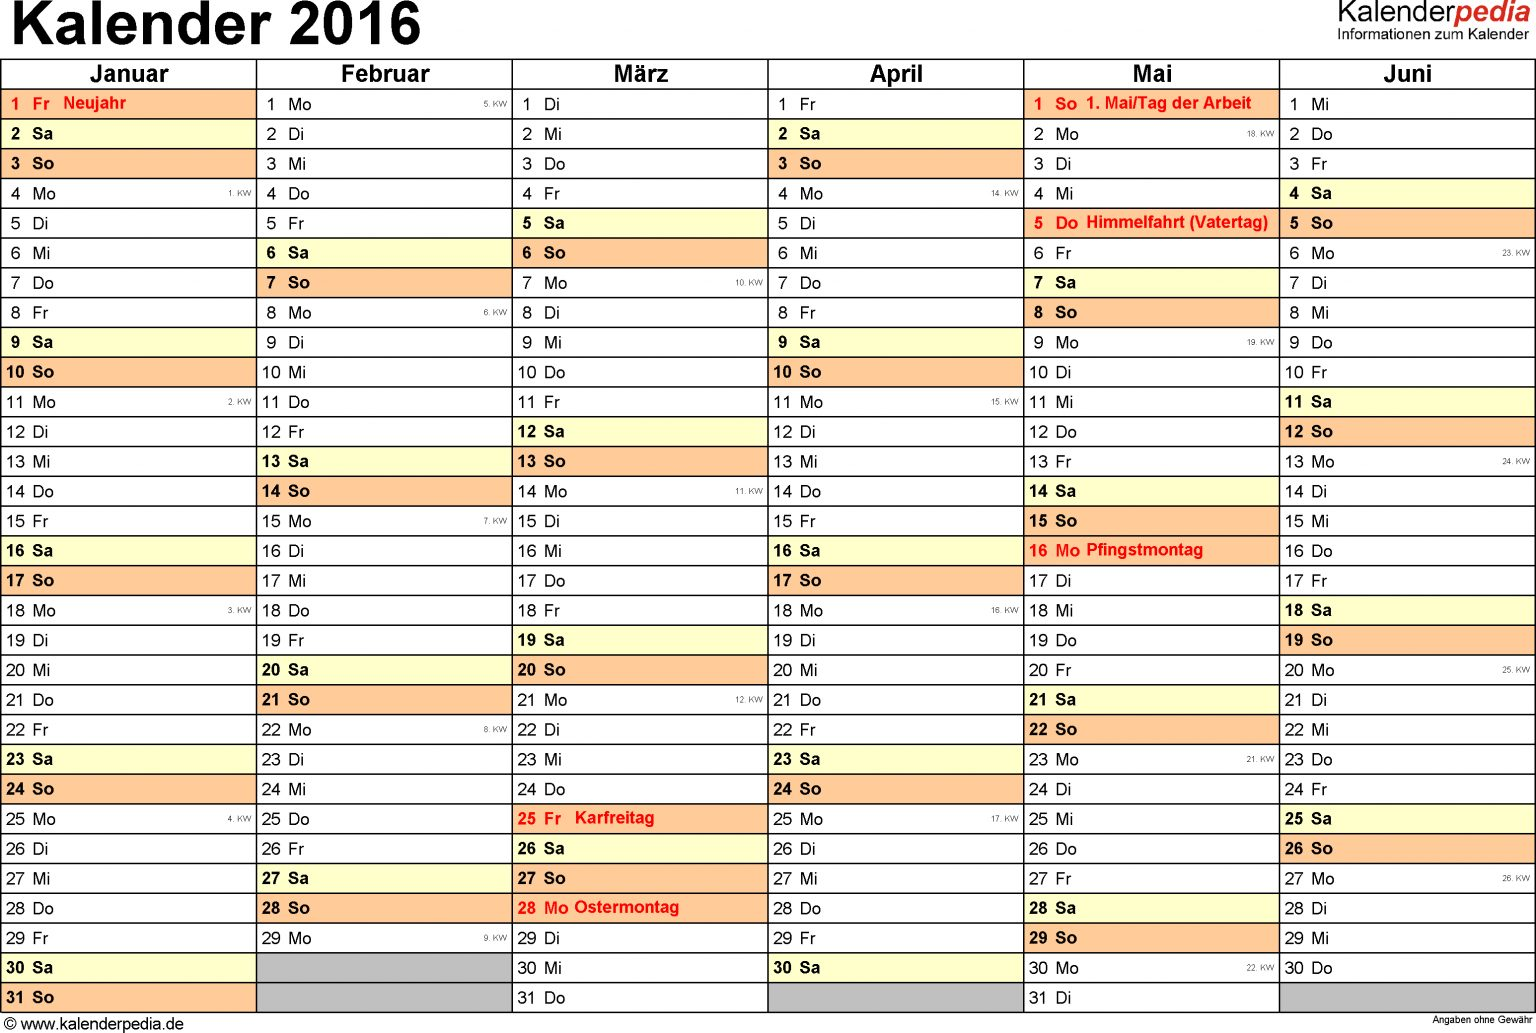 vorlage 4 kalender 2016 für word querformat 2 seiten 1